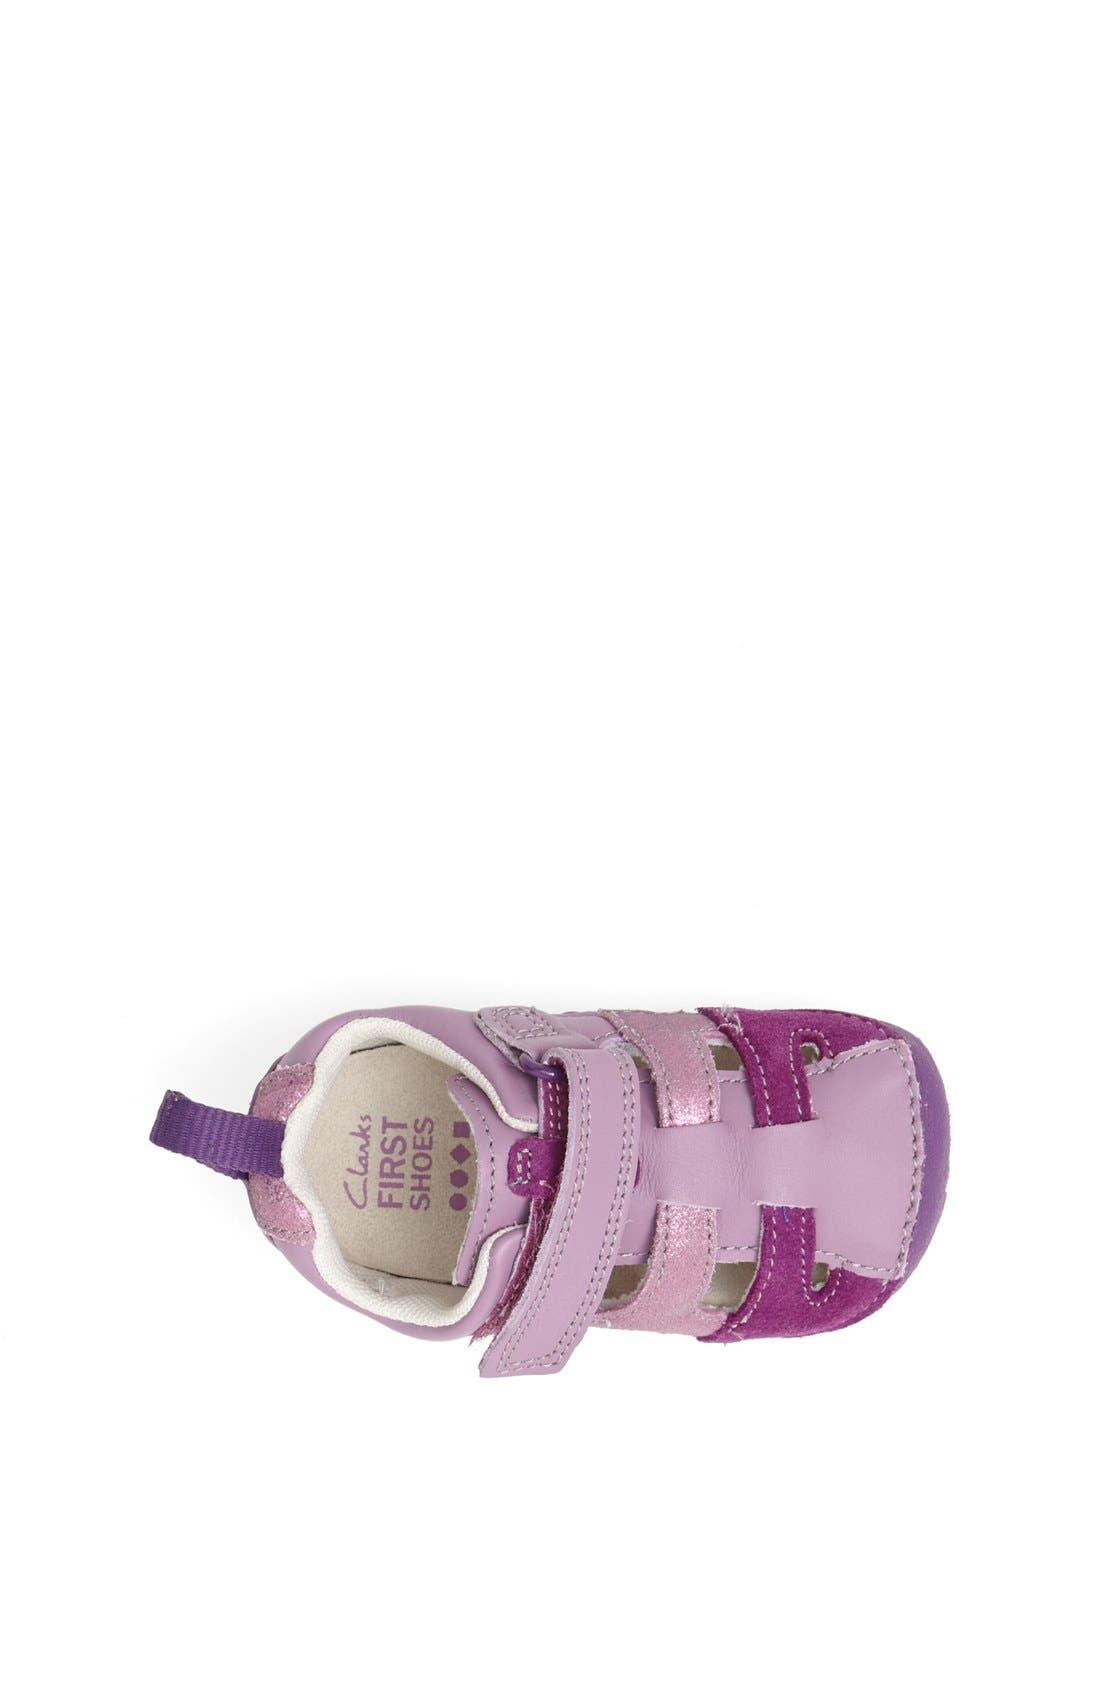 Alternate Image 3  - Clarks® 'Tiny Girl' Leather Sandal (Baby & Walker)